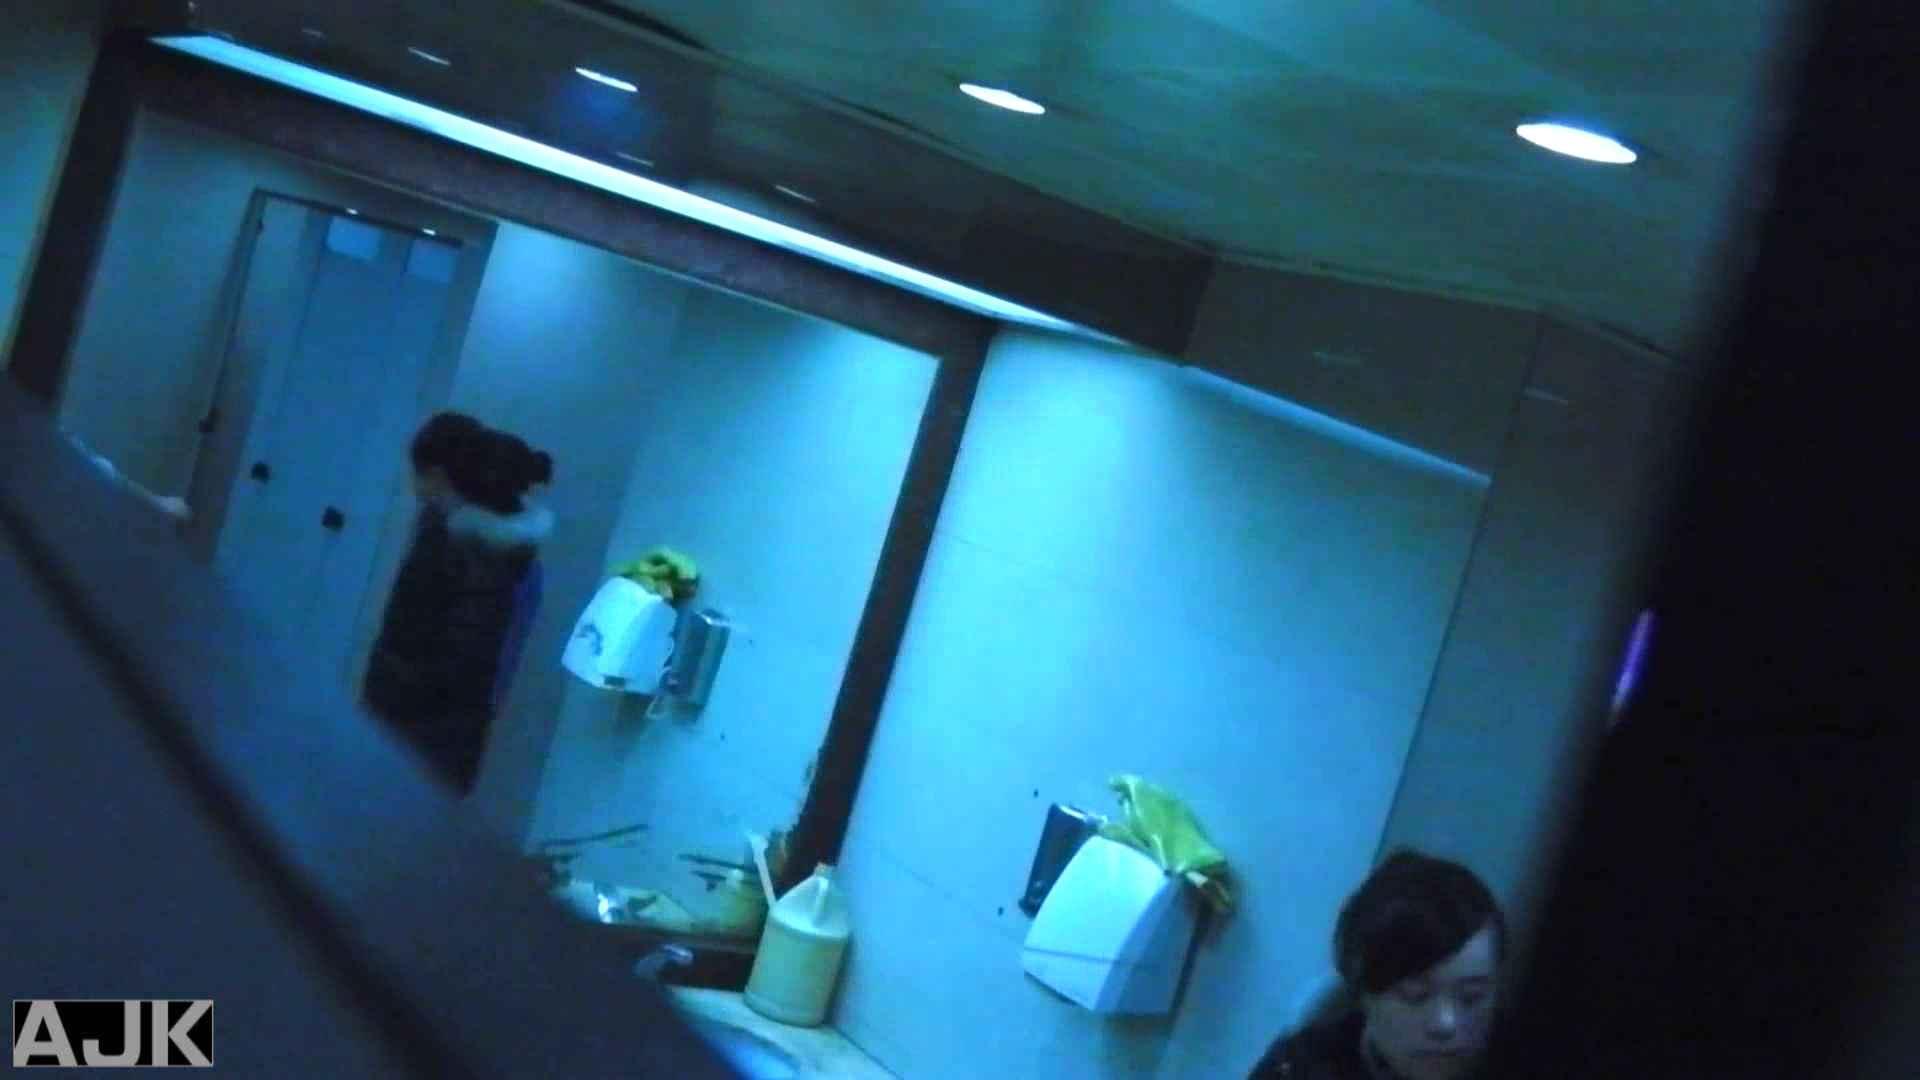 神降臨!史上最強の潜入かわや! vol.05 オマンコ 覗きおまんこ画像 13pic 11